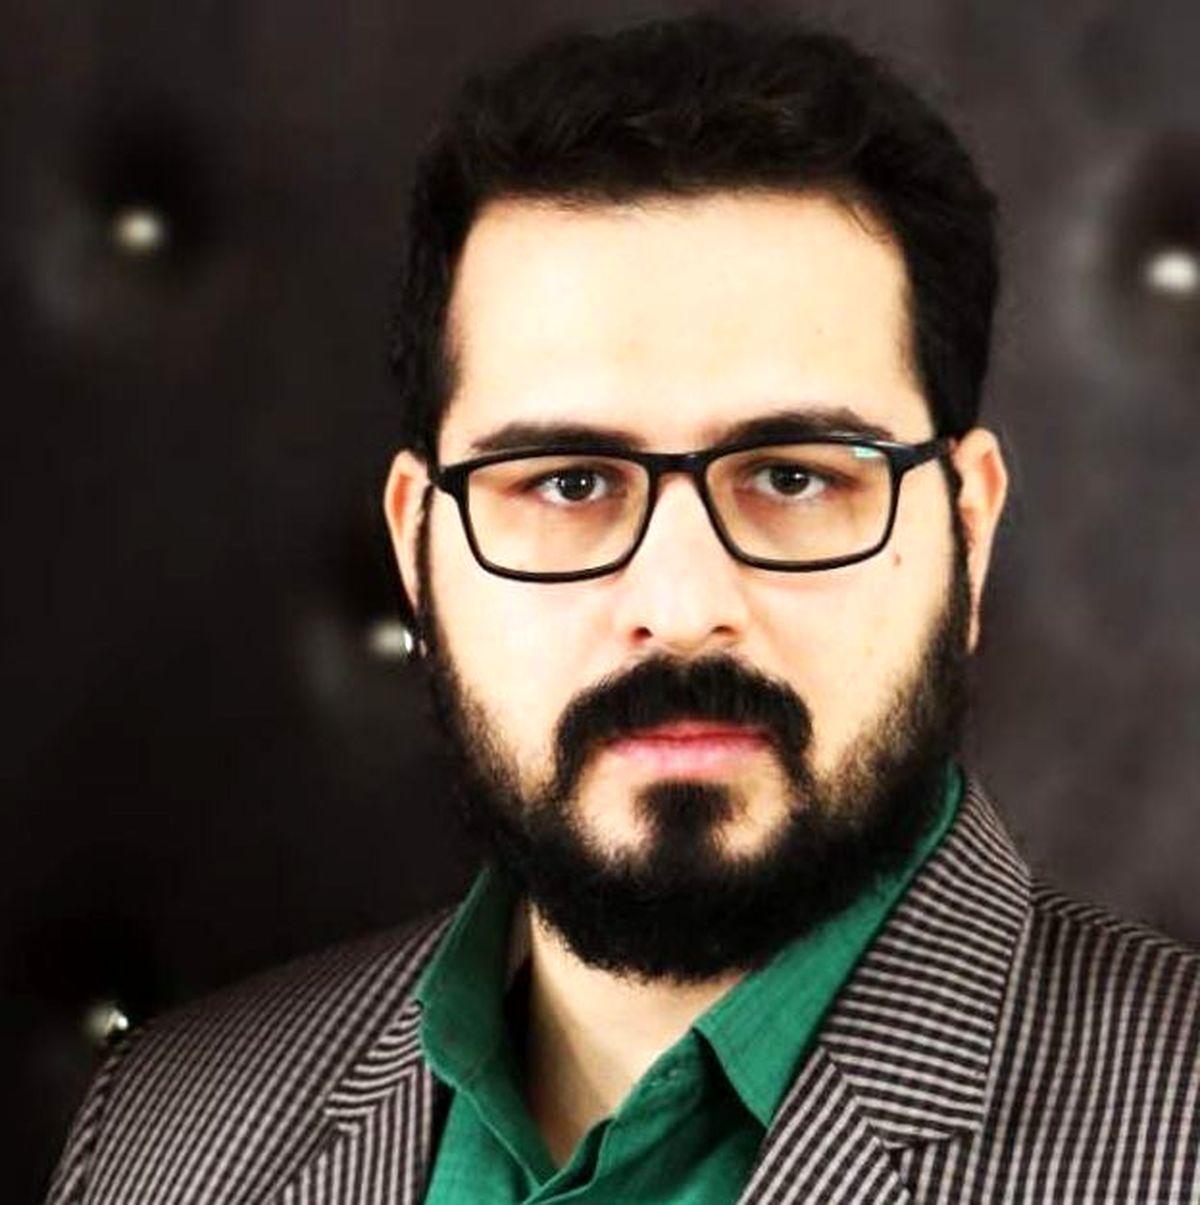 مستند ذو شهادتین به جهاد علمی مرحوم علامه محمد تقی مصباح یزدی پرداخته است